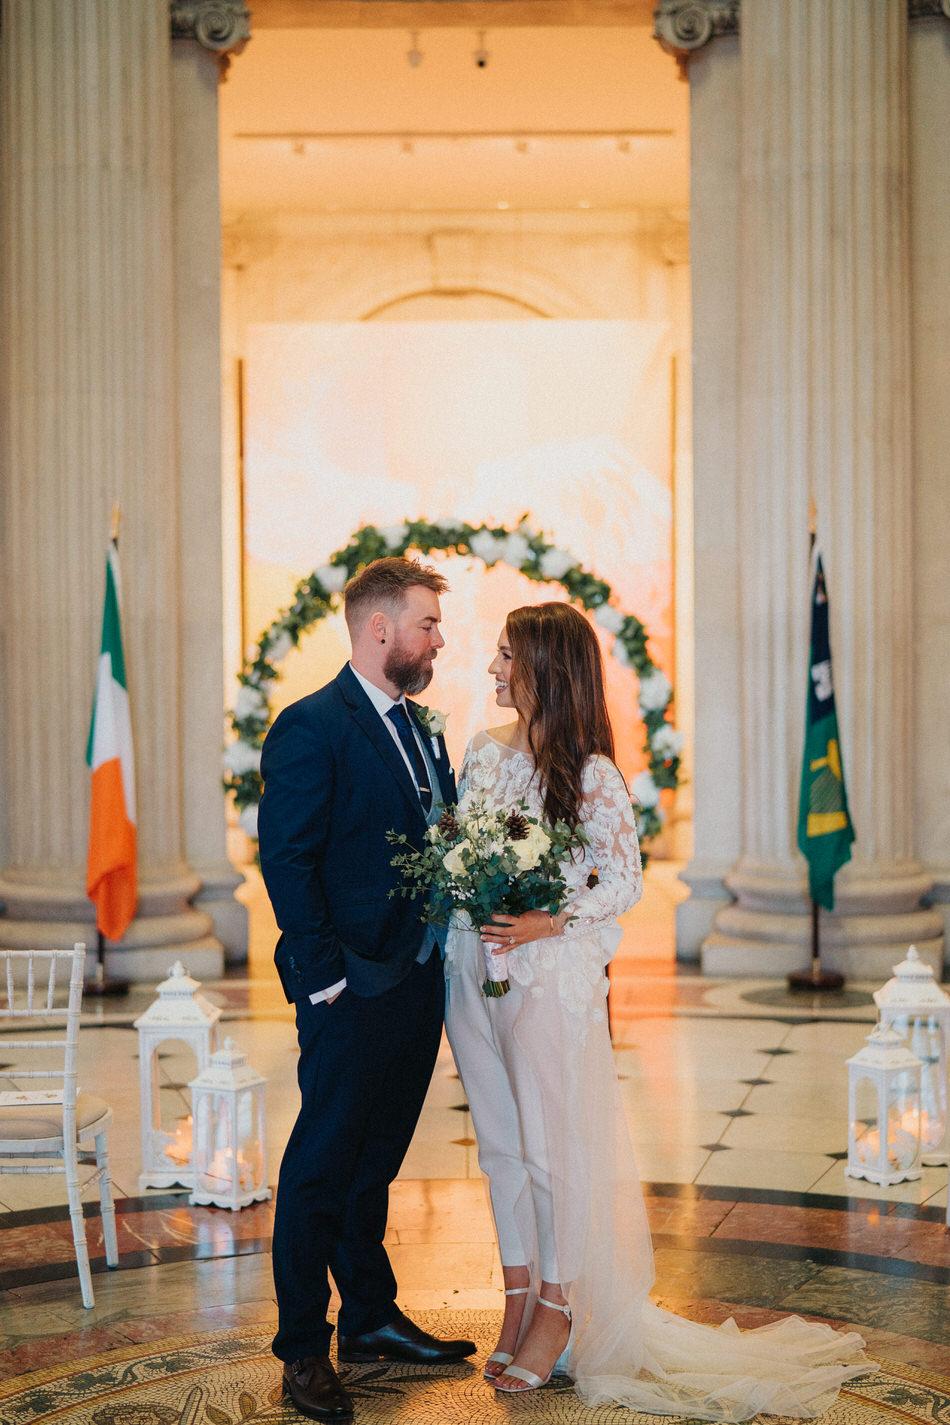 City-hall-dublin-wedding-photos-52 51